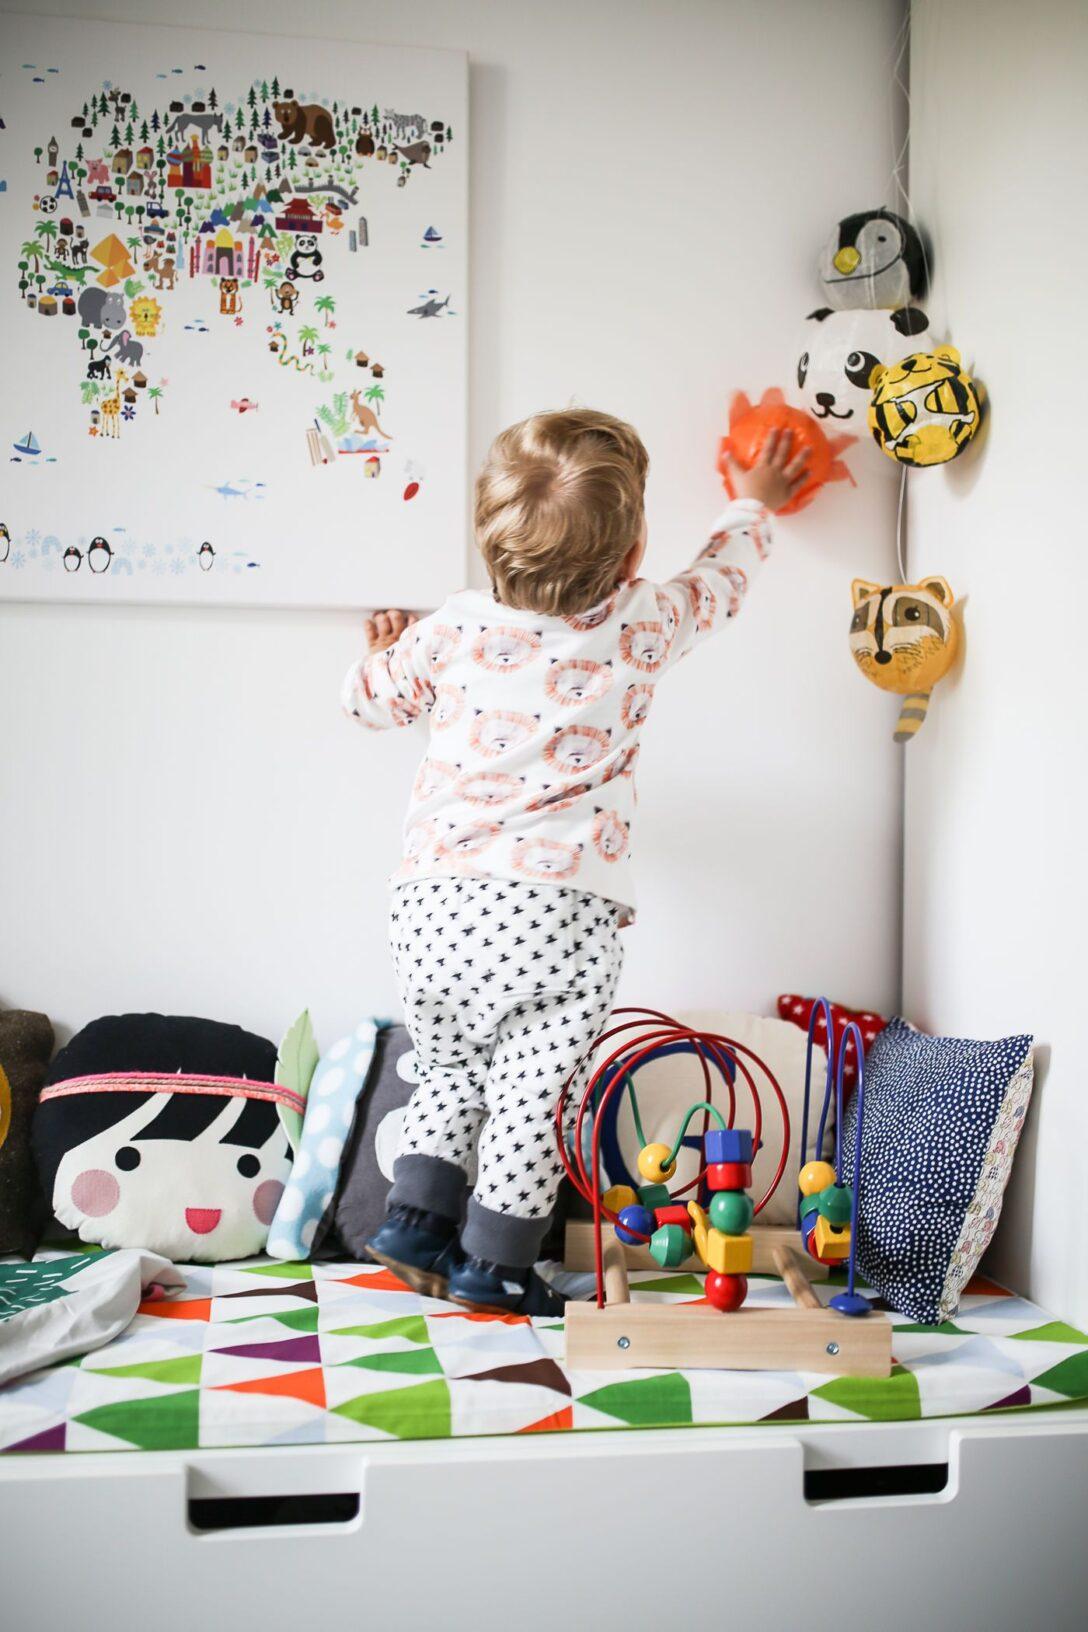 Large Size of Kinderzimmer Aufbewahrung Ideen Fr Stauraum Und Im Küche Aufbewahrungssystem Betten Mit Regal Weiß Bett Regale Sofa Aufbewahrungsbox Garten Kinderzimmer Kinderzimmer Aufbewahrung